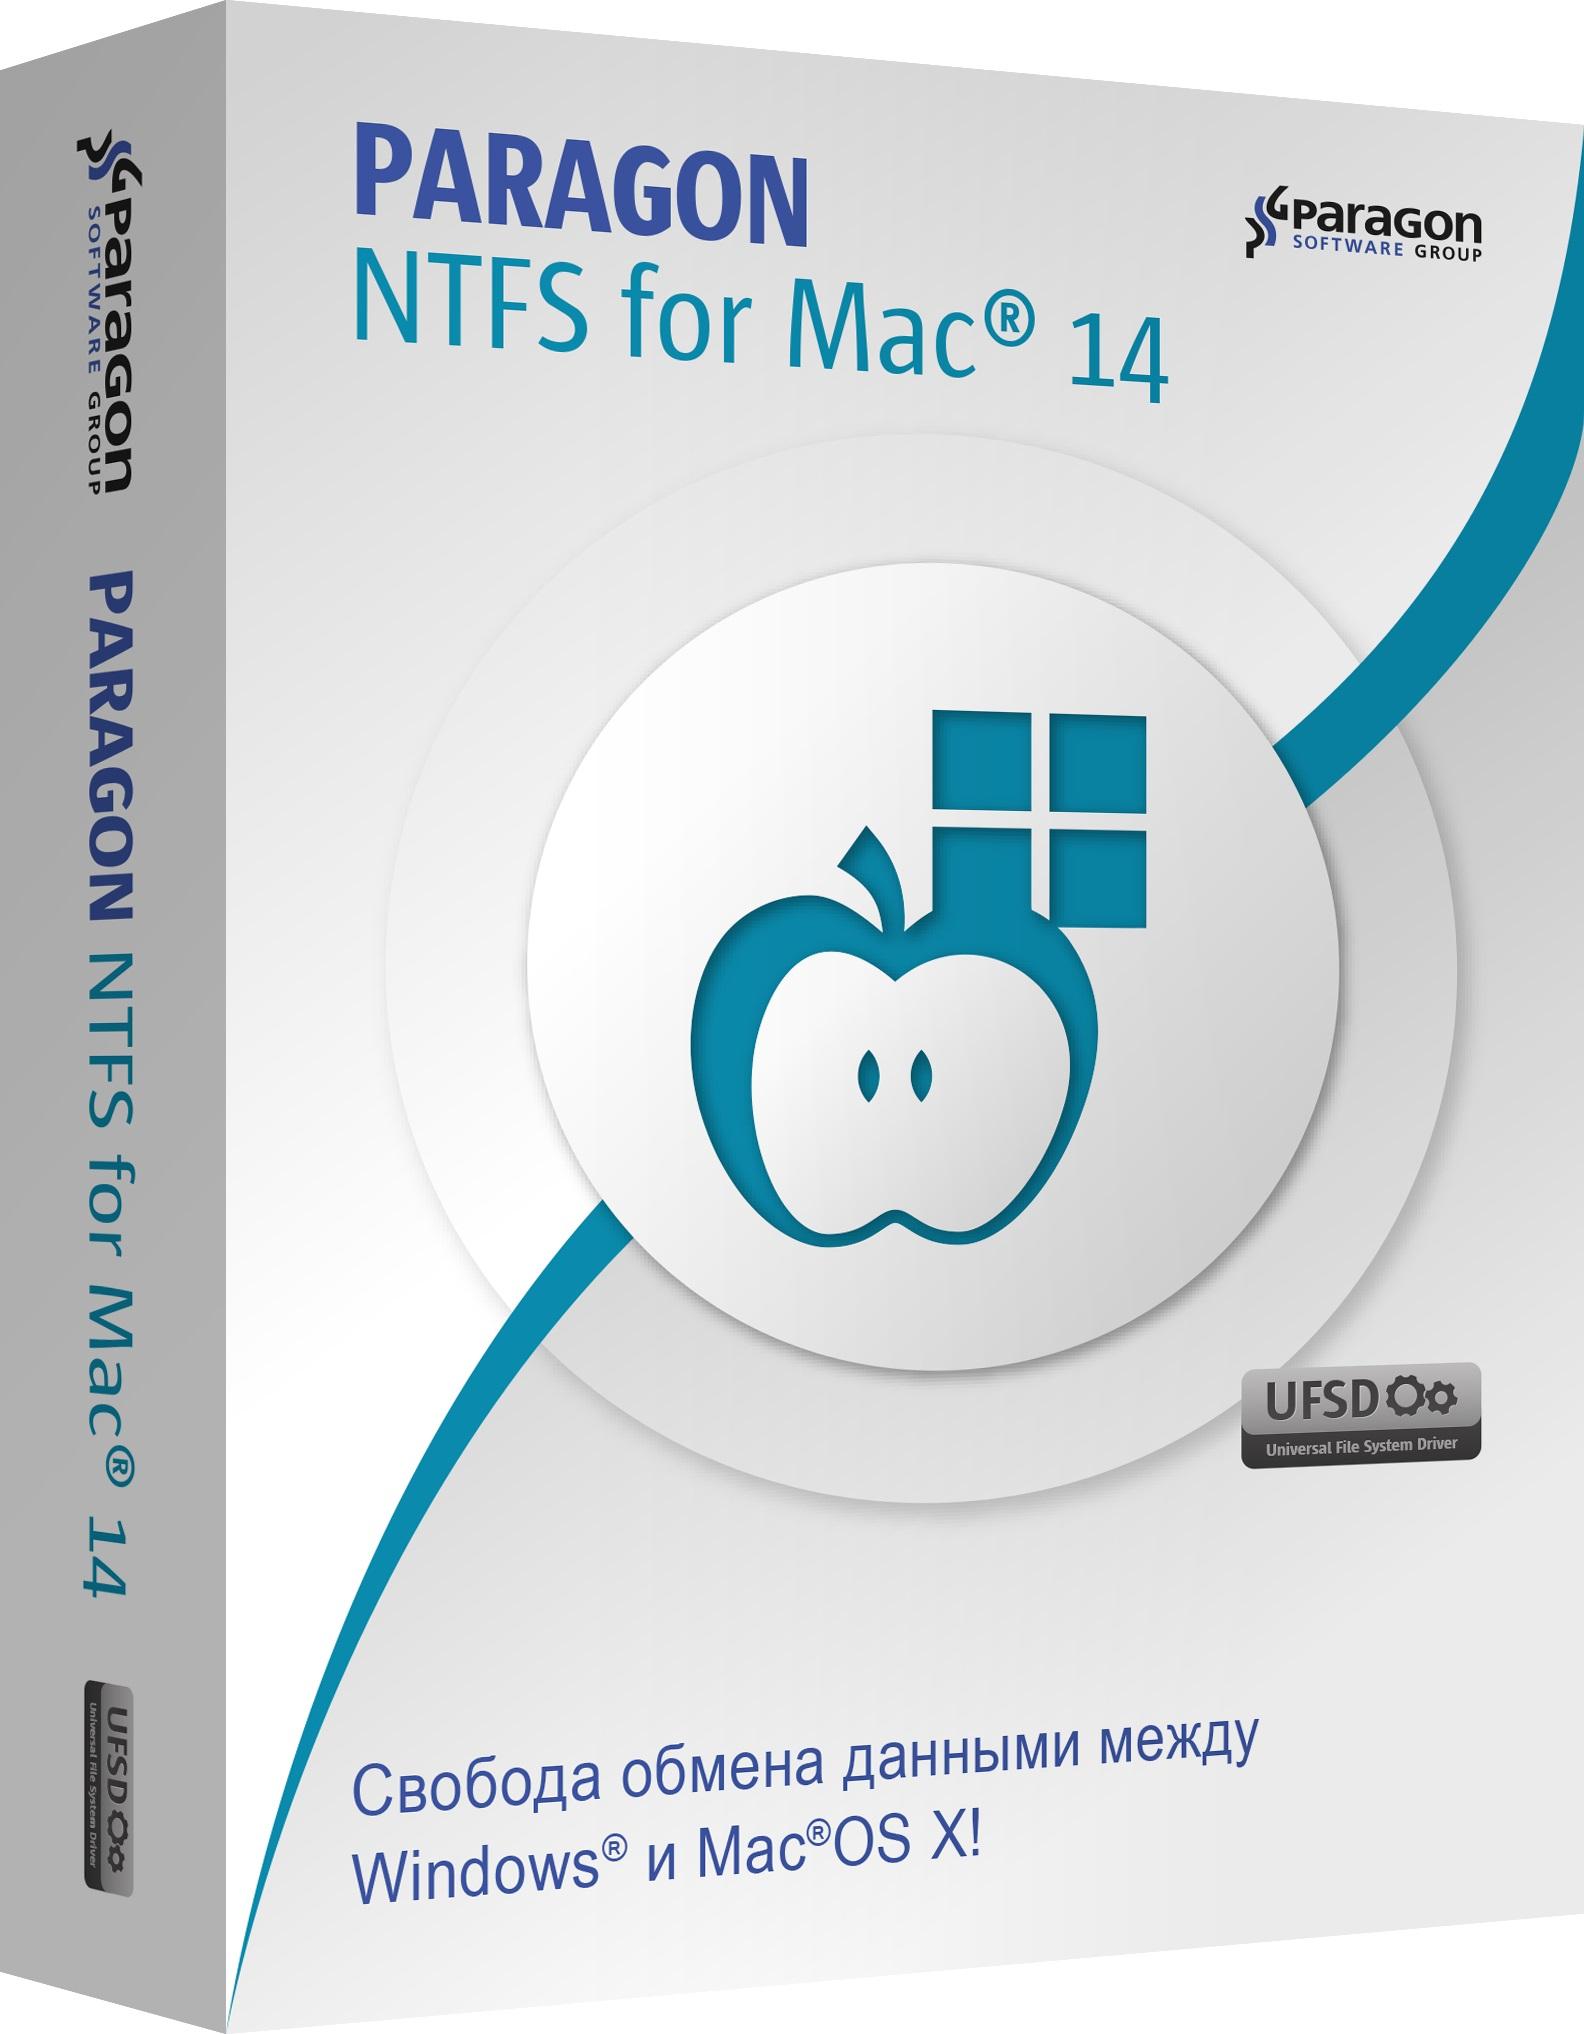 Paragon. NTFS for Mac 14 (Цифровая версия)Paragon. NTFS for Mac 14 – уникальное решение, обеспечивающее полную свободу обмена данными между операционными системами Windows и Mac OS X.<br>